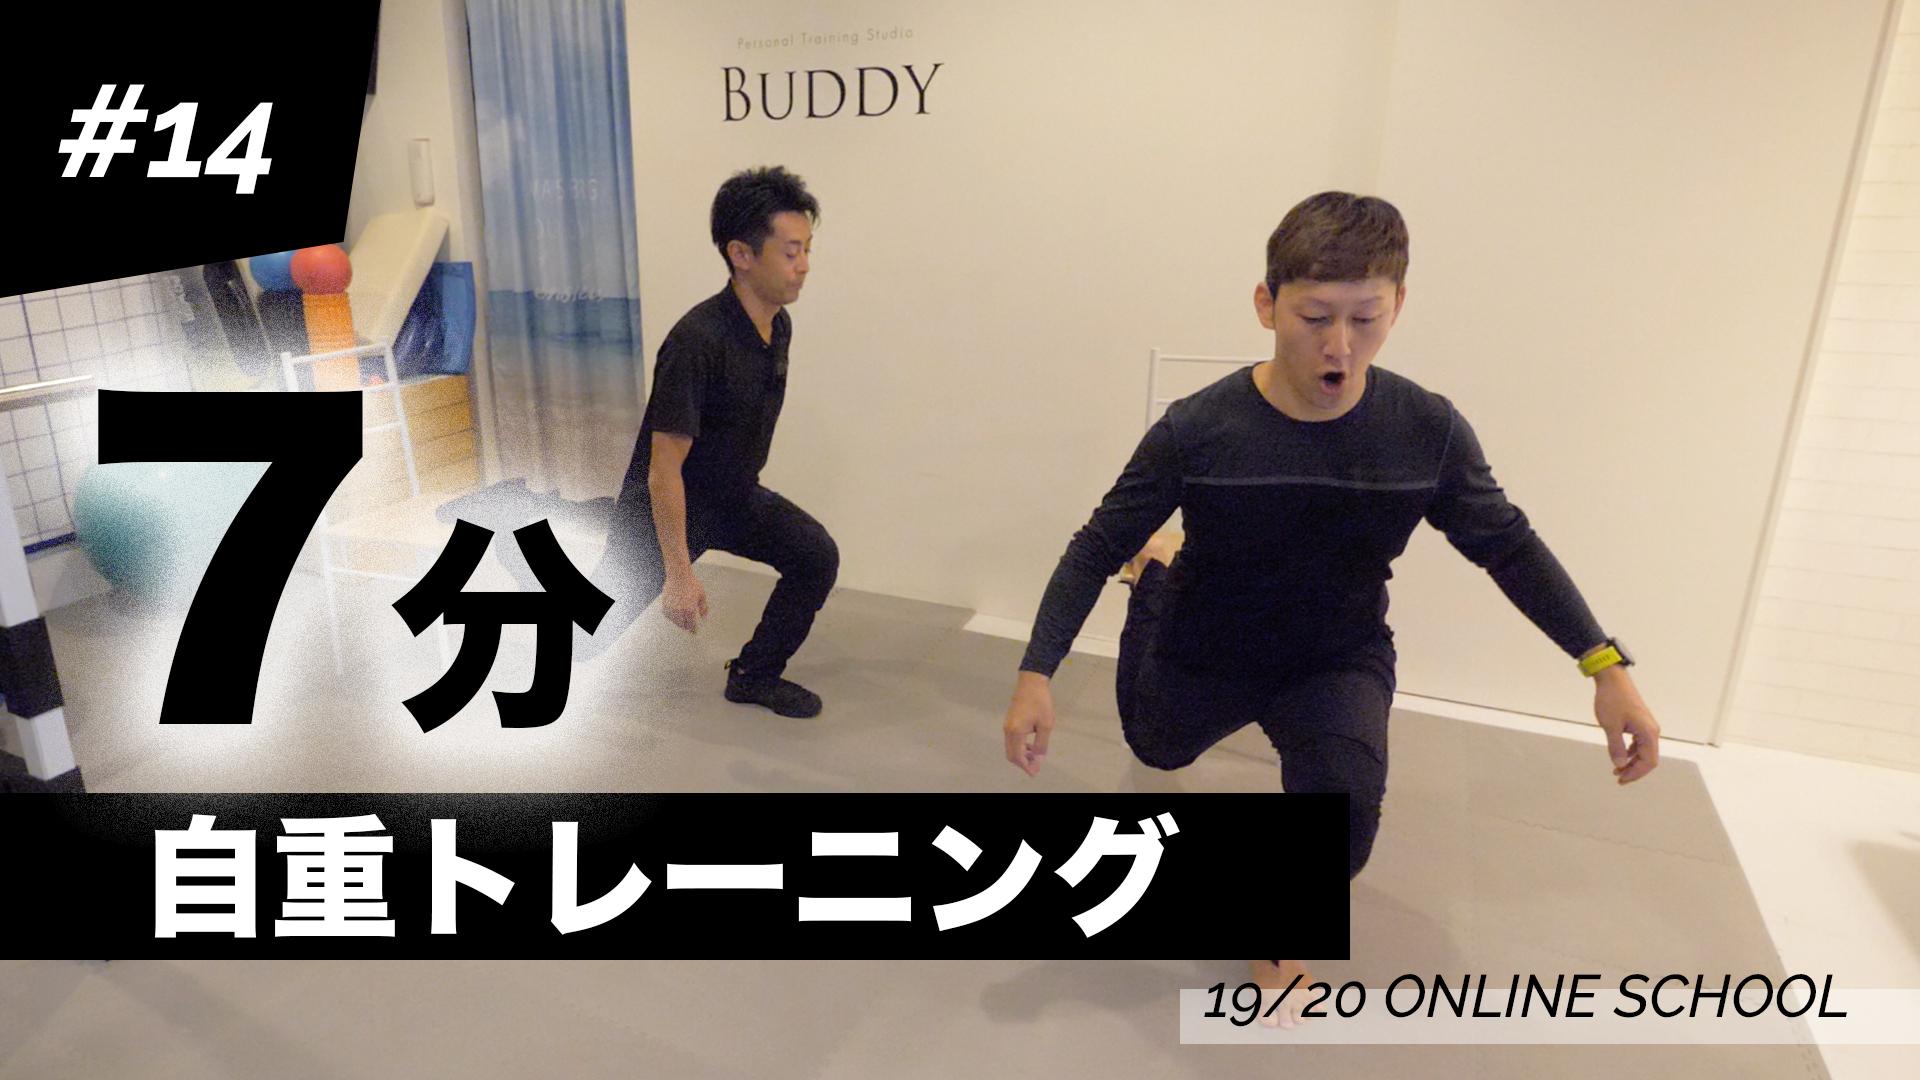 【自重トレ】7分間の自重トレーニングで基礎筋力を作る![オンラインスクール#14] TakehiroSaito